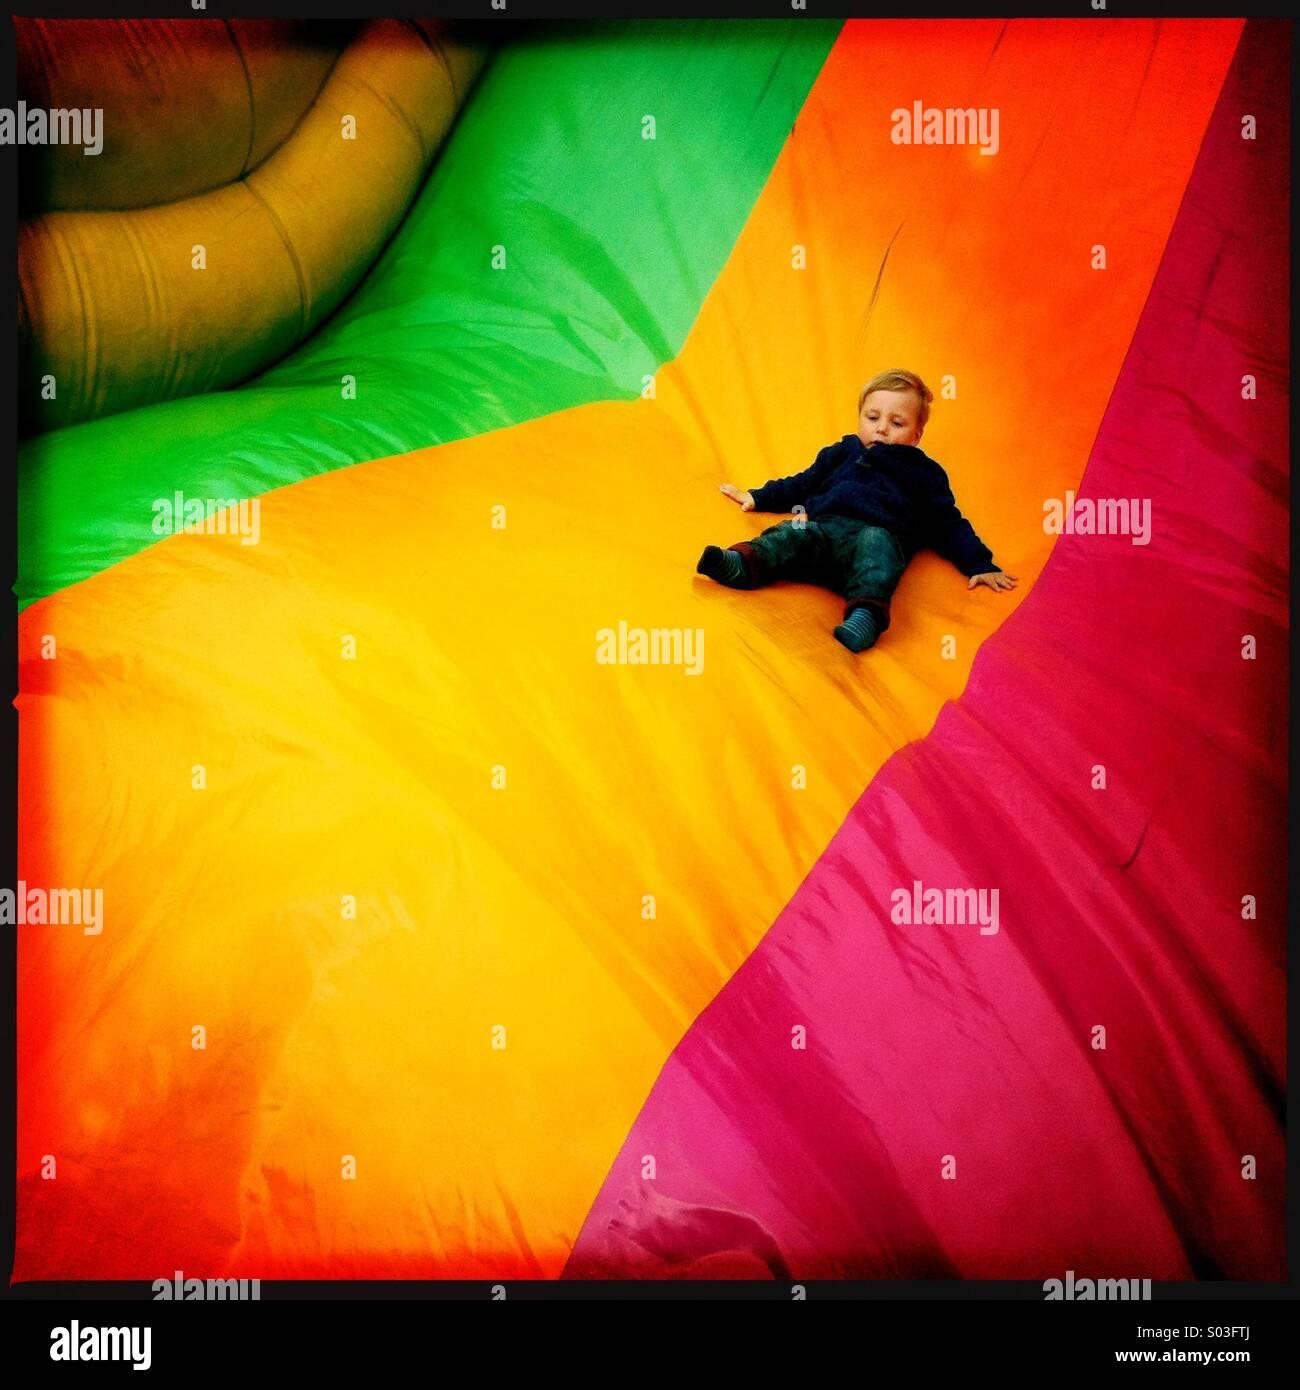 Un garçon de deux ans glissant sur un grand toboggan gonflable à une fête foraine Photo Stock